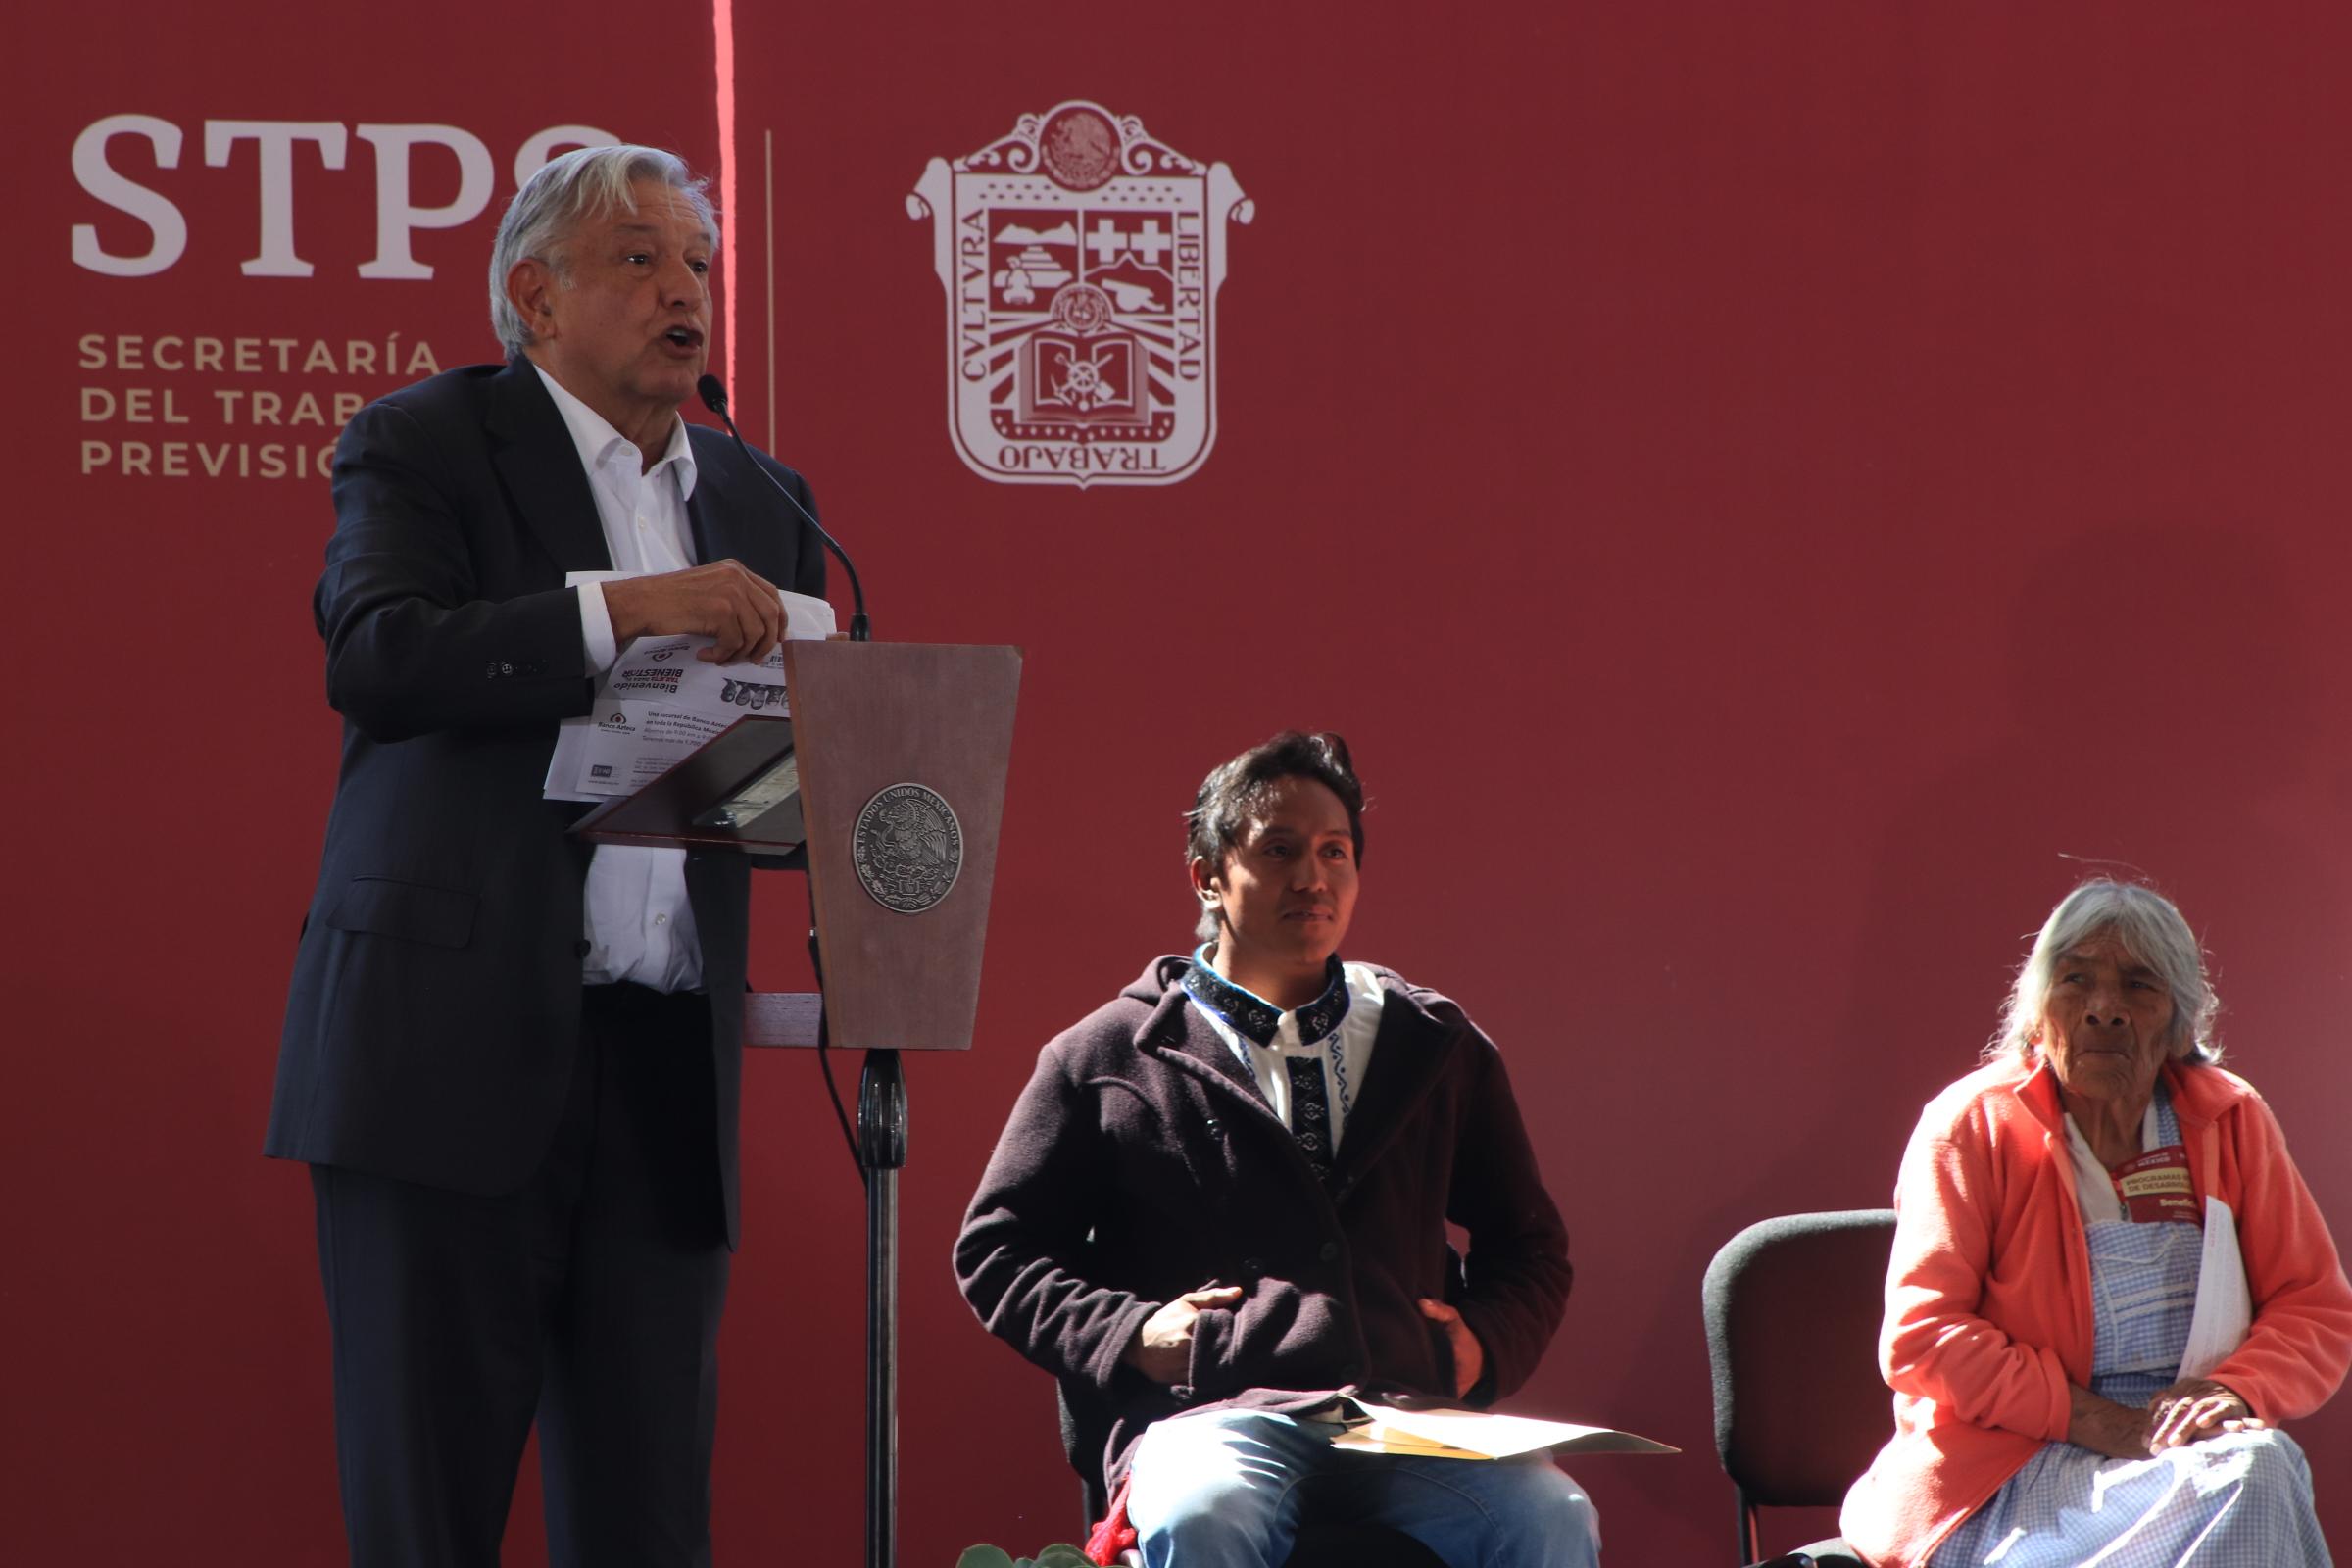 AMLO lanza Plan de Bienestar en recorrido contra el 'huachicol'